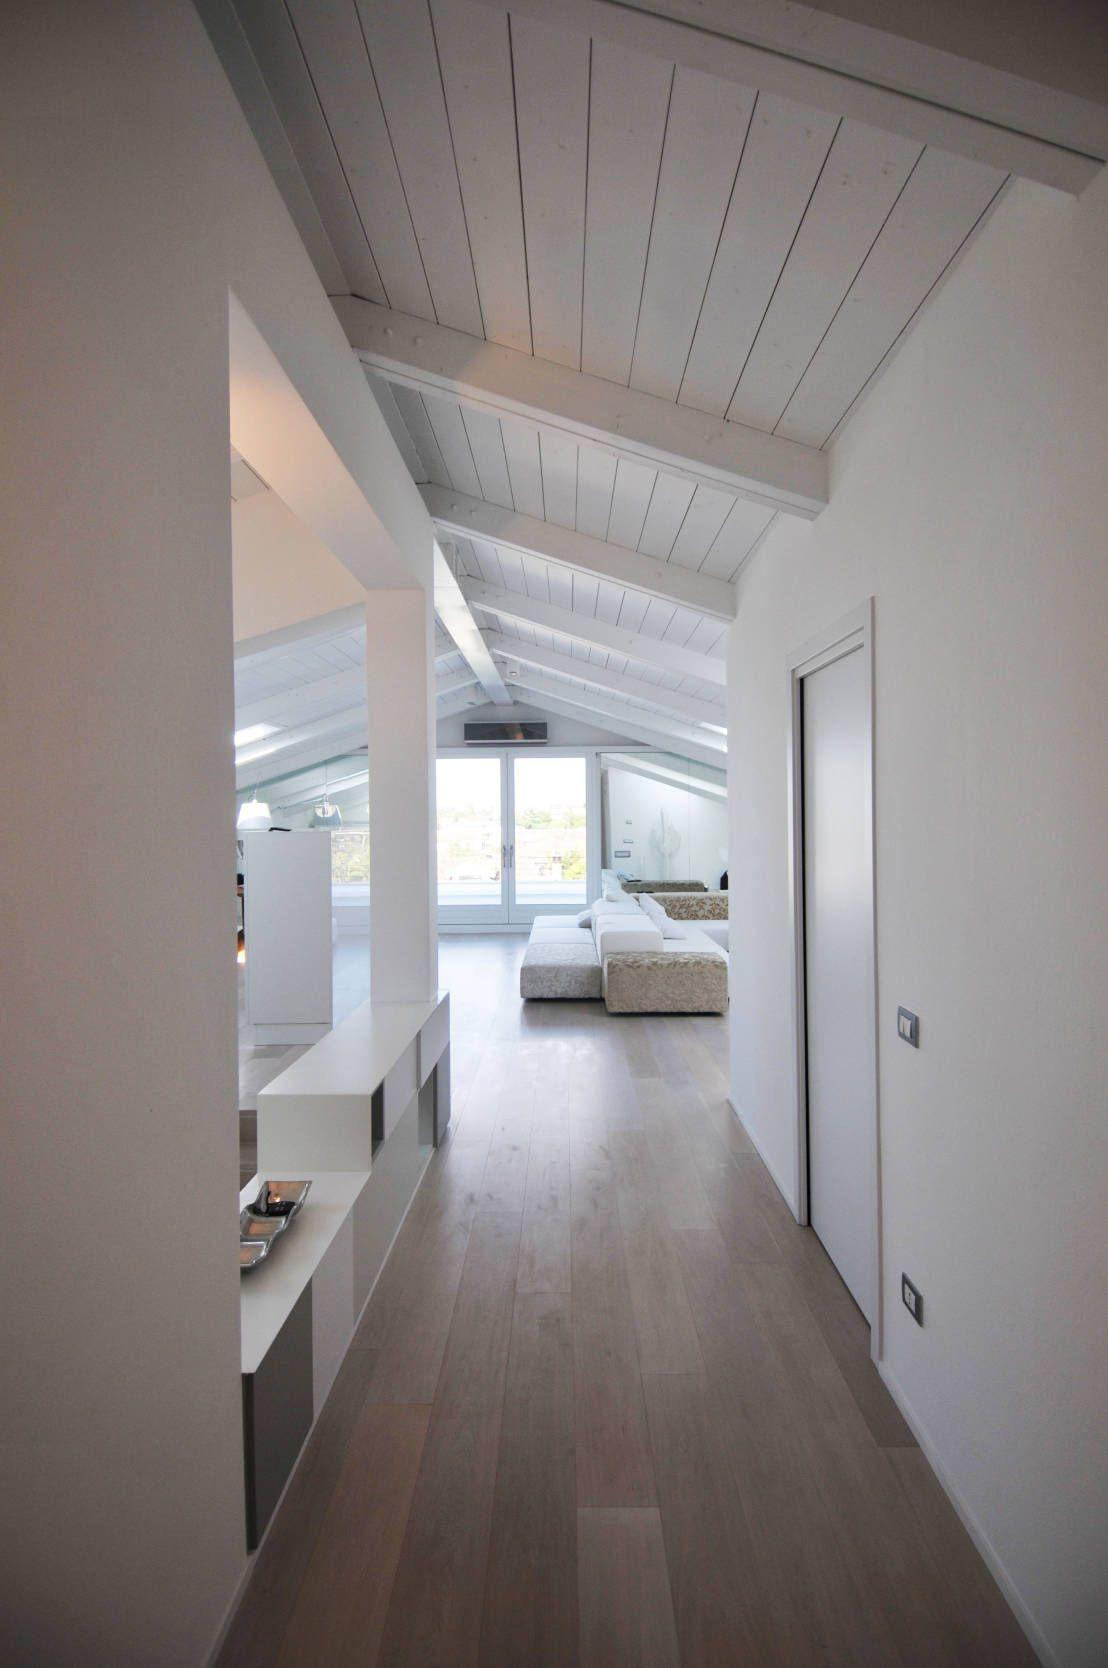 Vetrata Pavimento E Legno Soffitto Sbiancato Interior Design